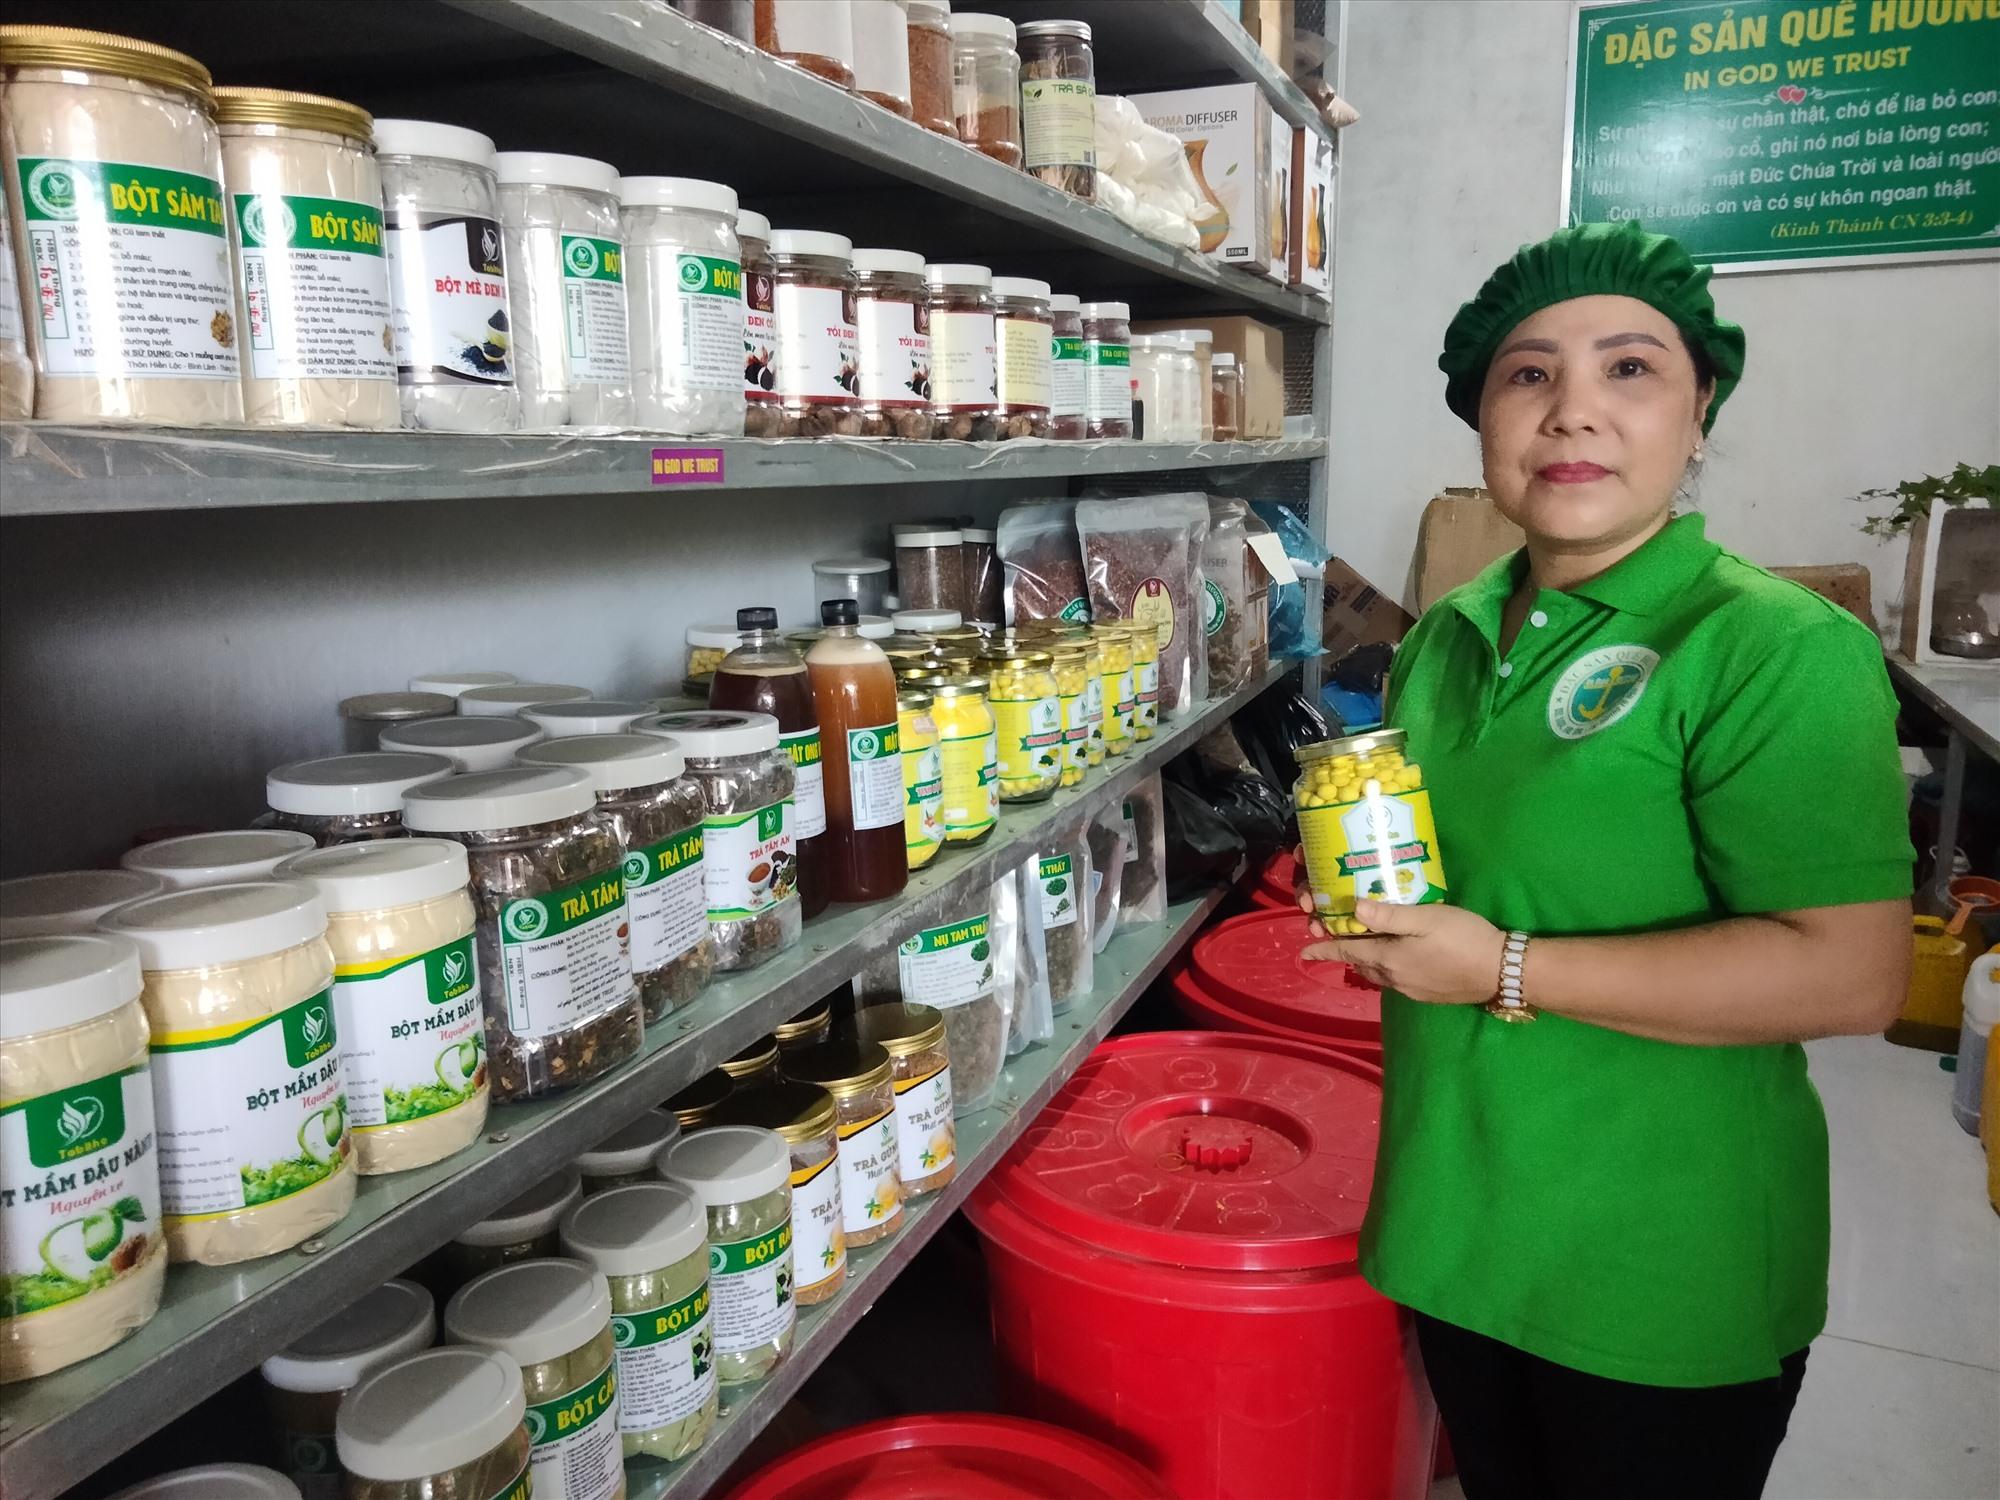 Chị Đặng Thị Tố Nga bên sản phẩm viên tinh bột nghệ mật ong rừng. Ảnh: G.B